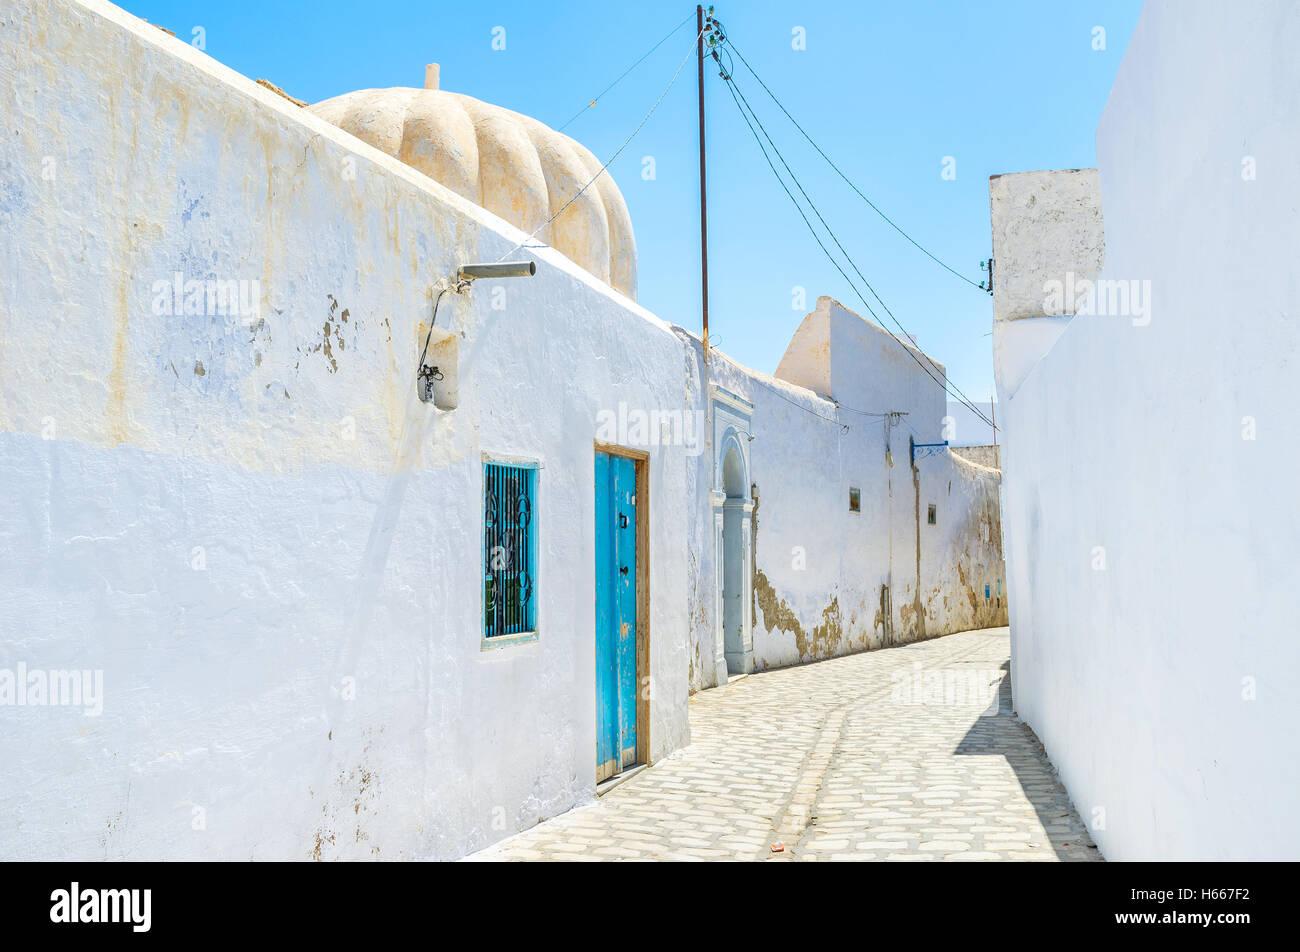 Le public se baigne (hammam) situé dans la médina de Kairouan, Tunisie. Photo Stock